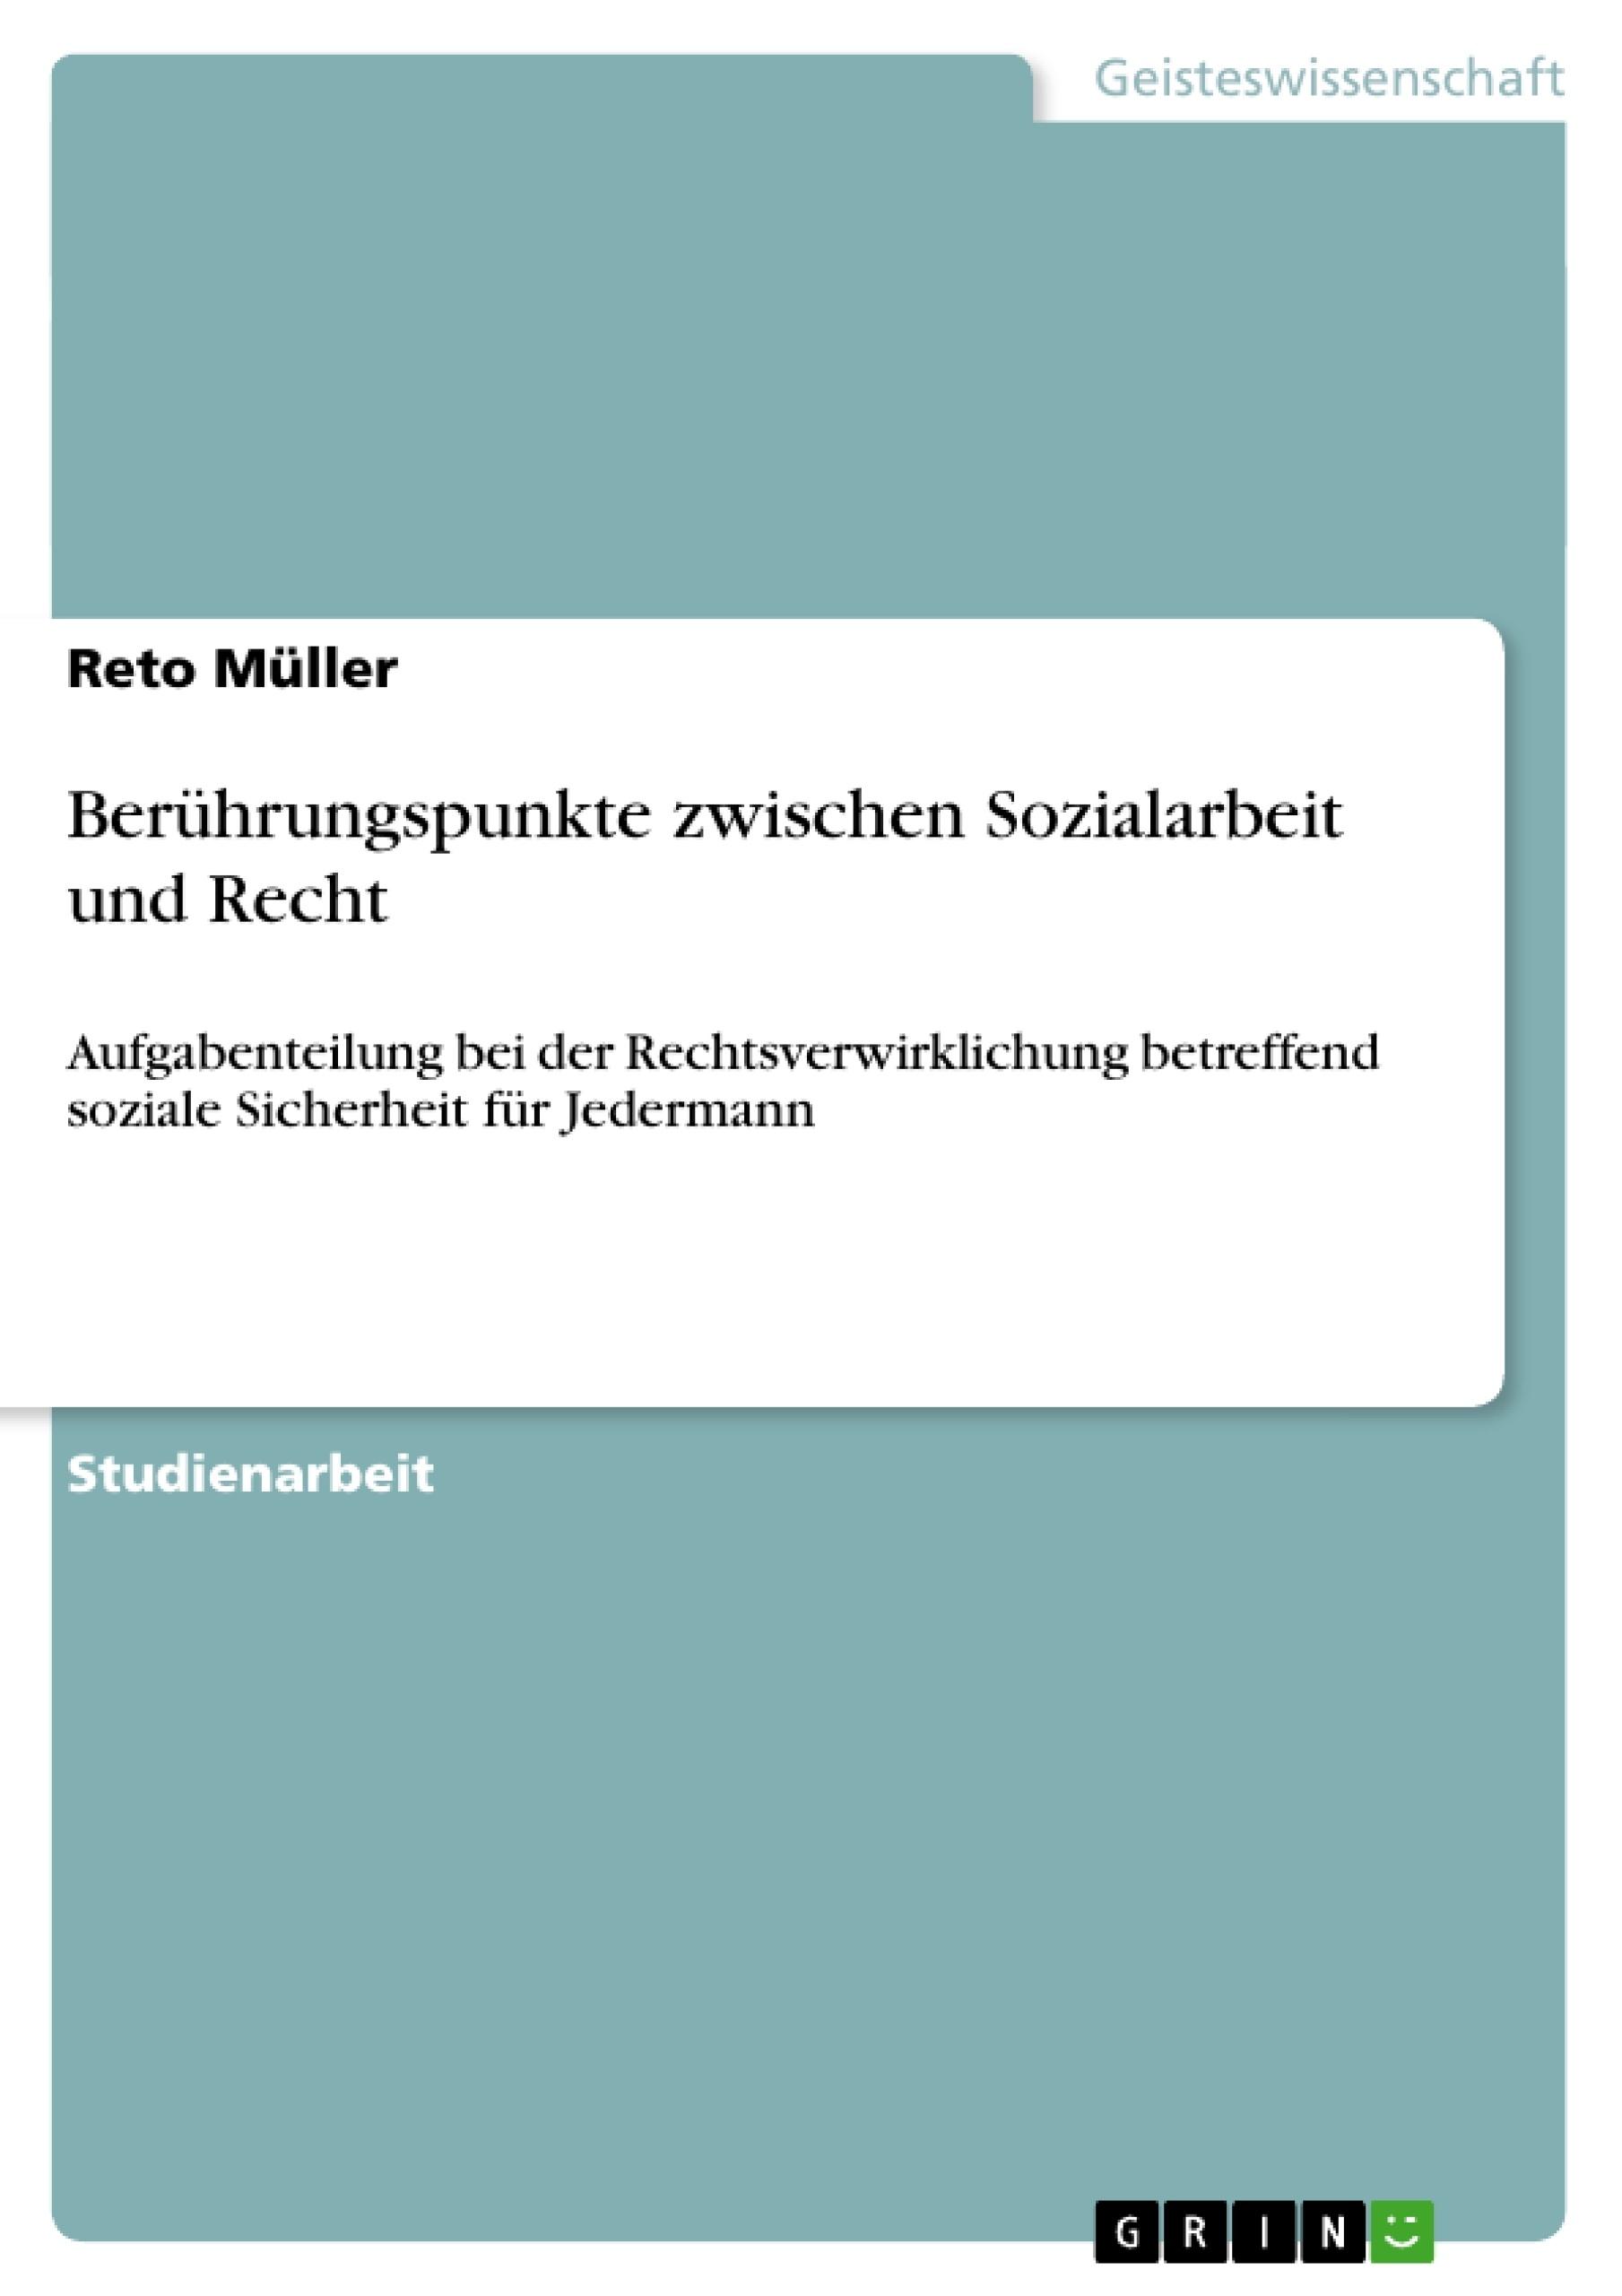 Titel: Berührungspunkte zwischen Sozialarbeit und Recht